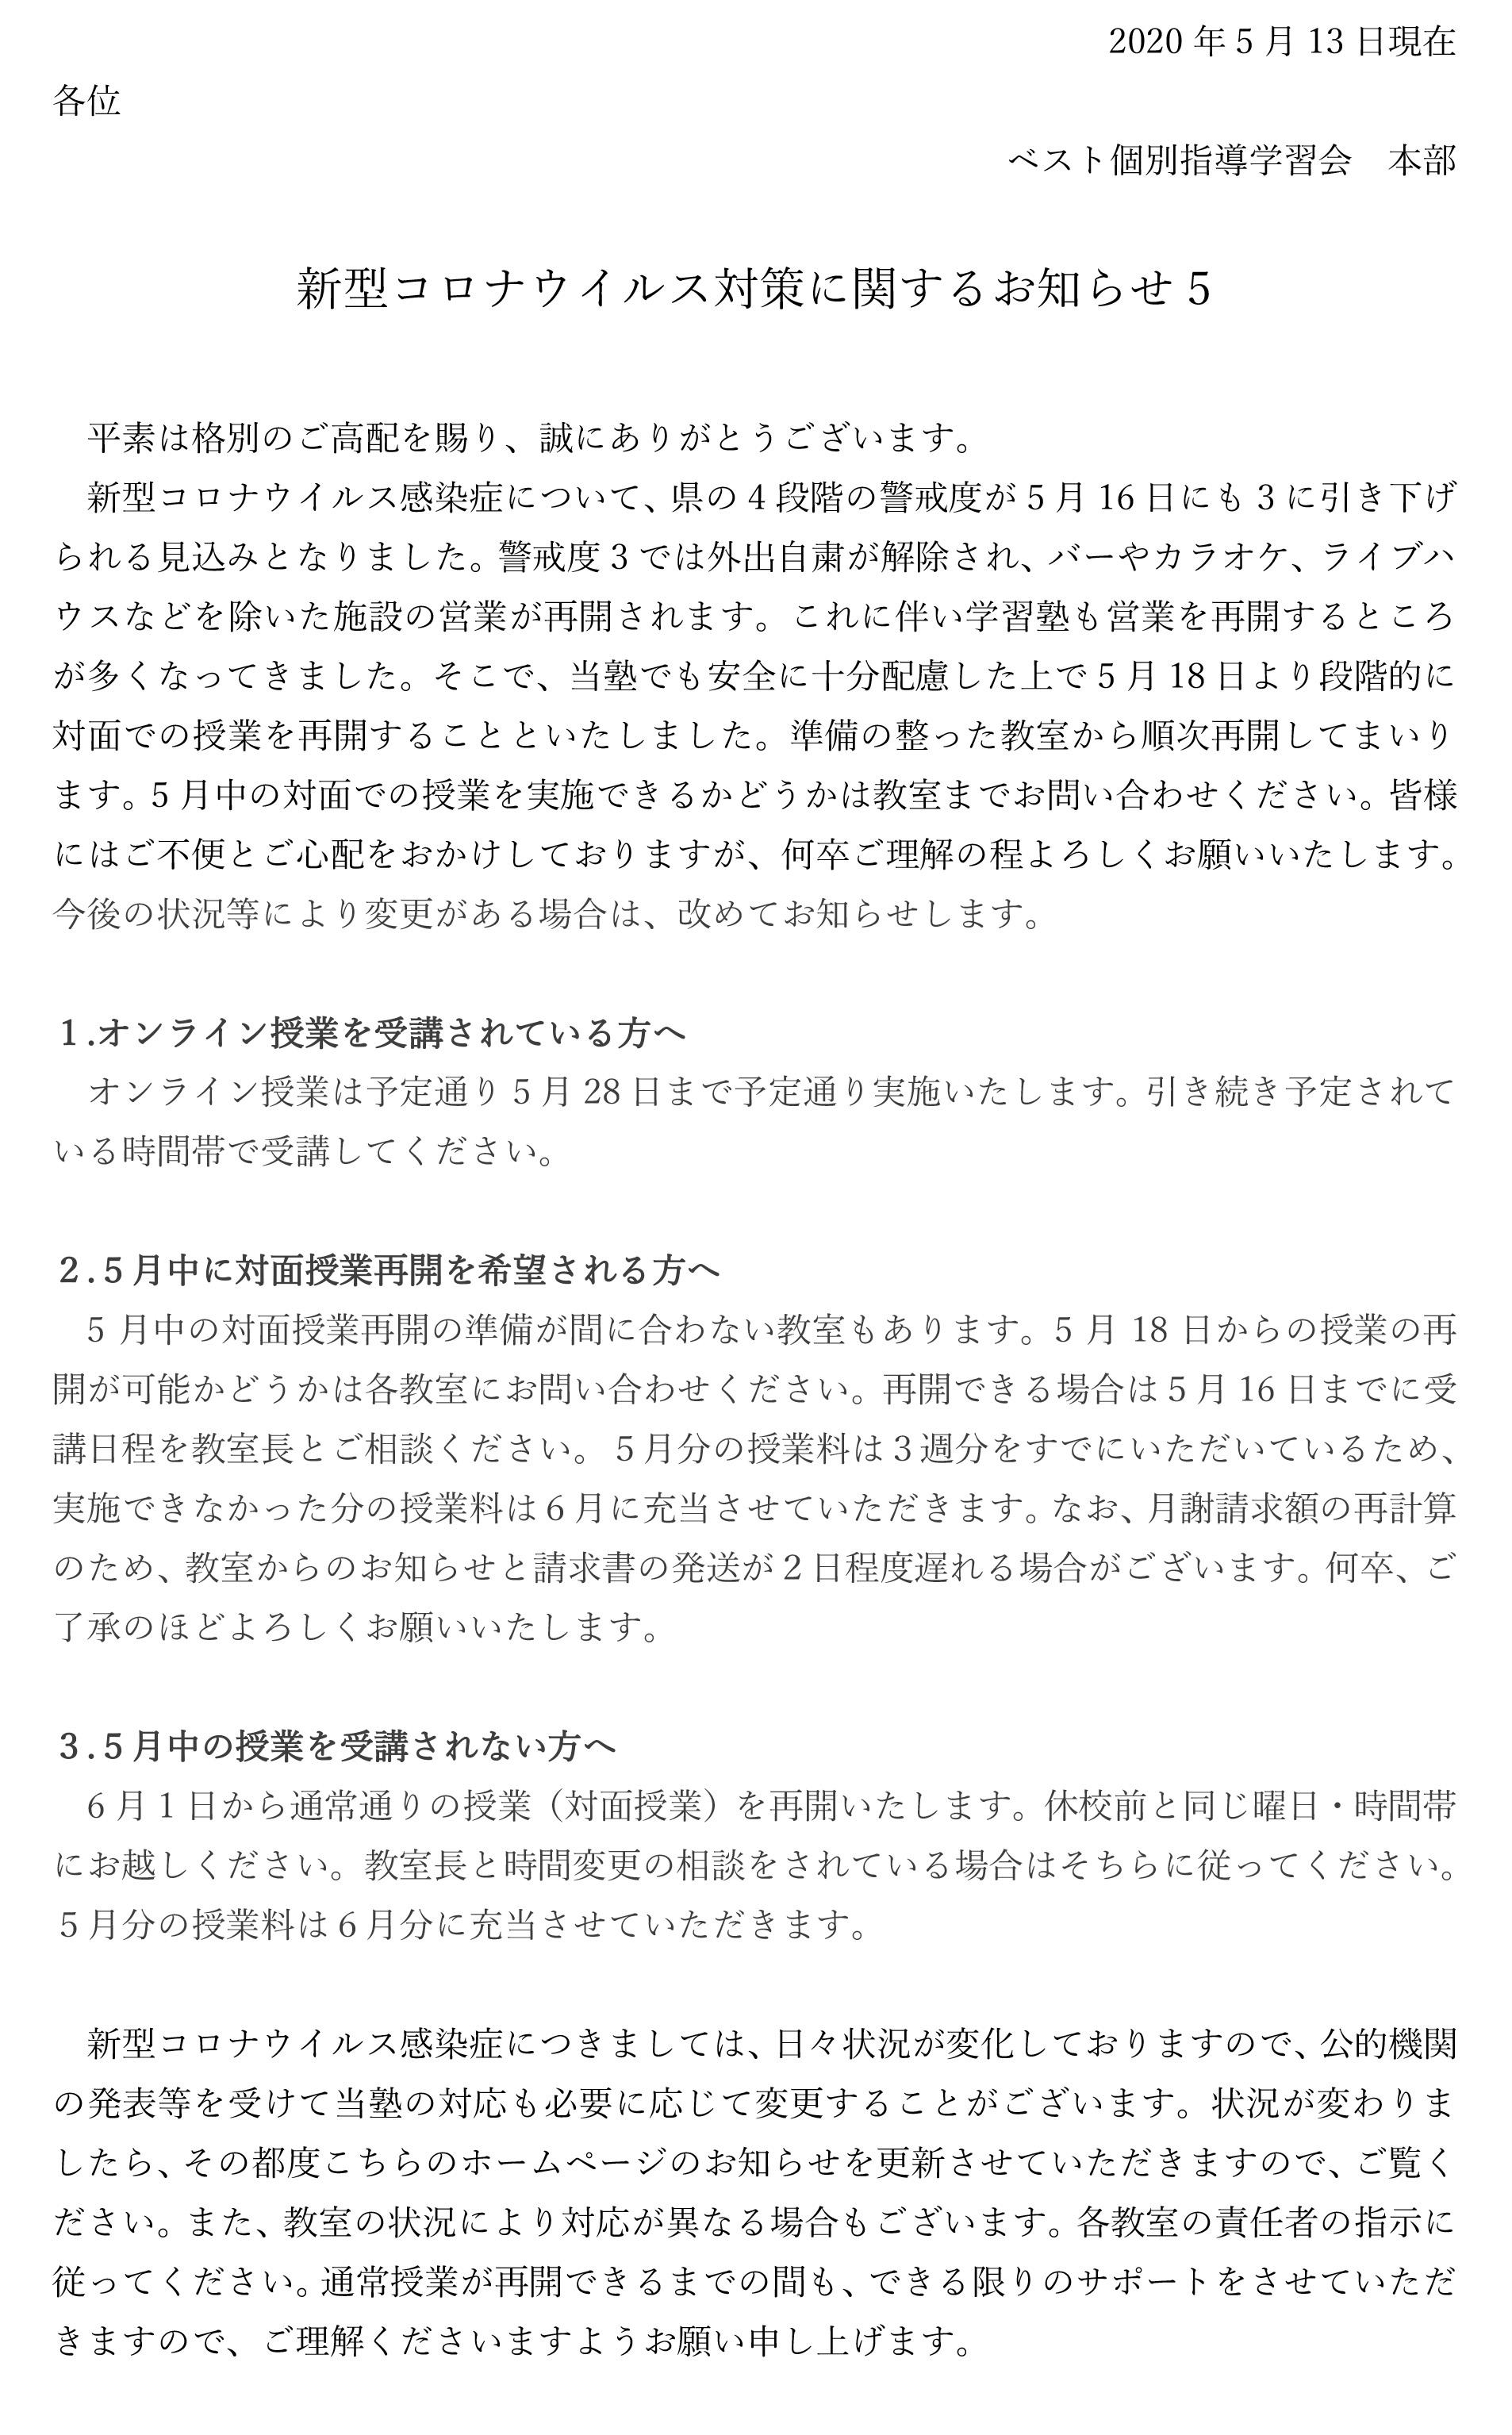 新型コロナウイルス対策に伴うお知らせ_200512_5